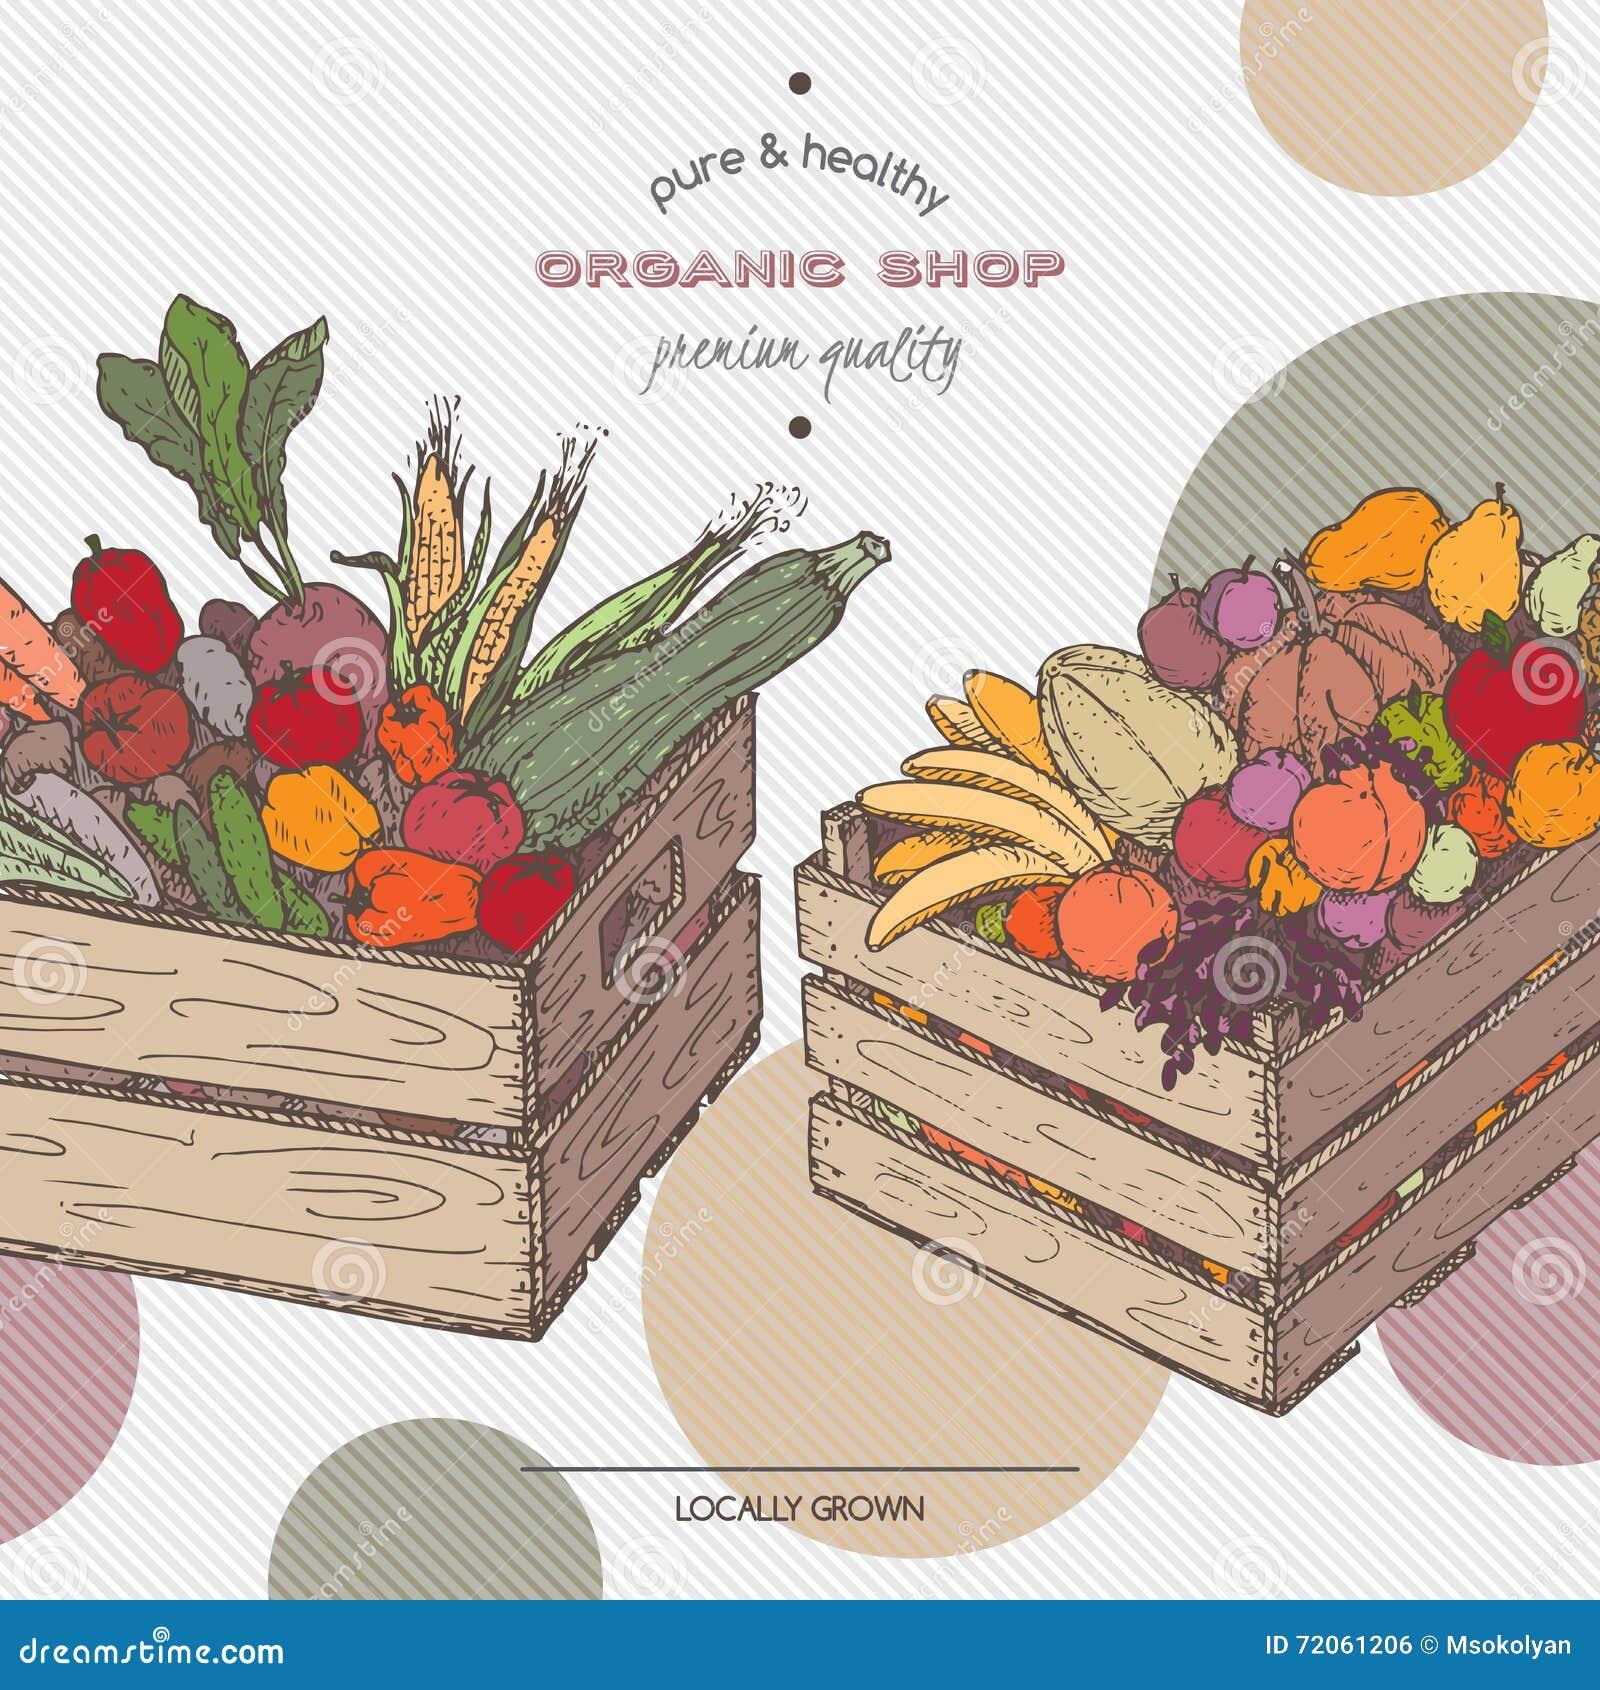 Färben Sie Organische Shopschablone Mit Früchten, Gemüse In Den ...